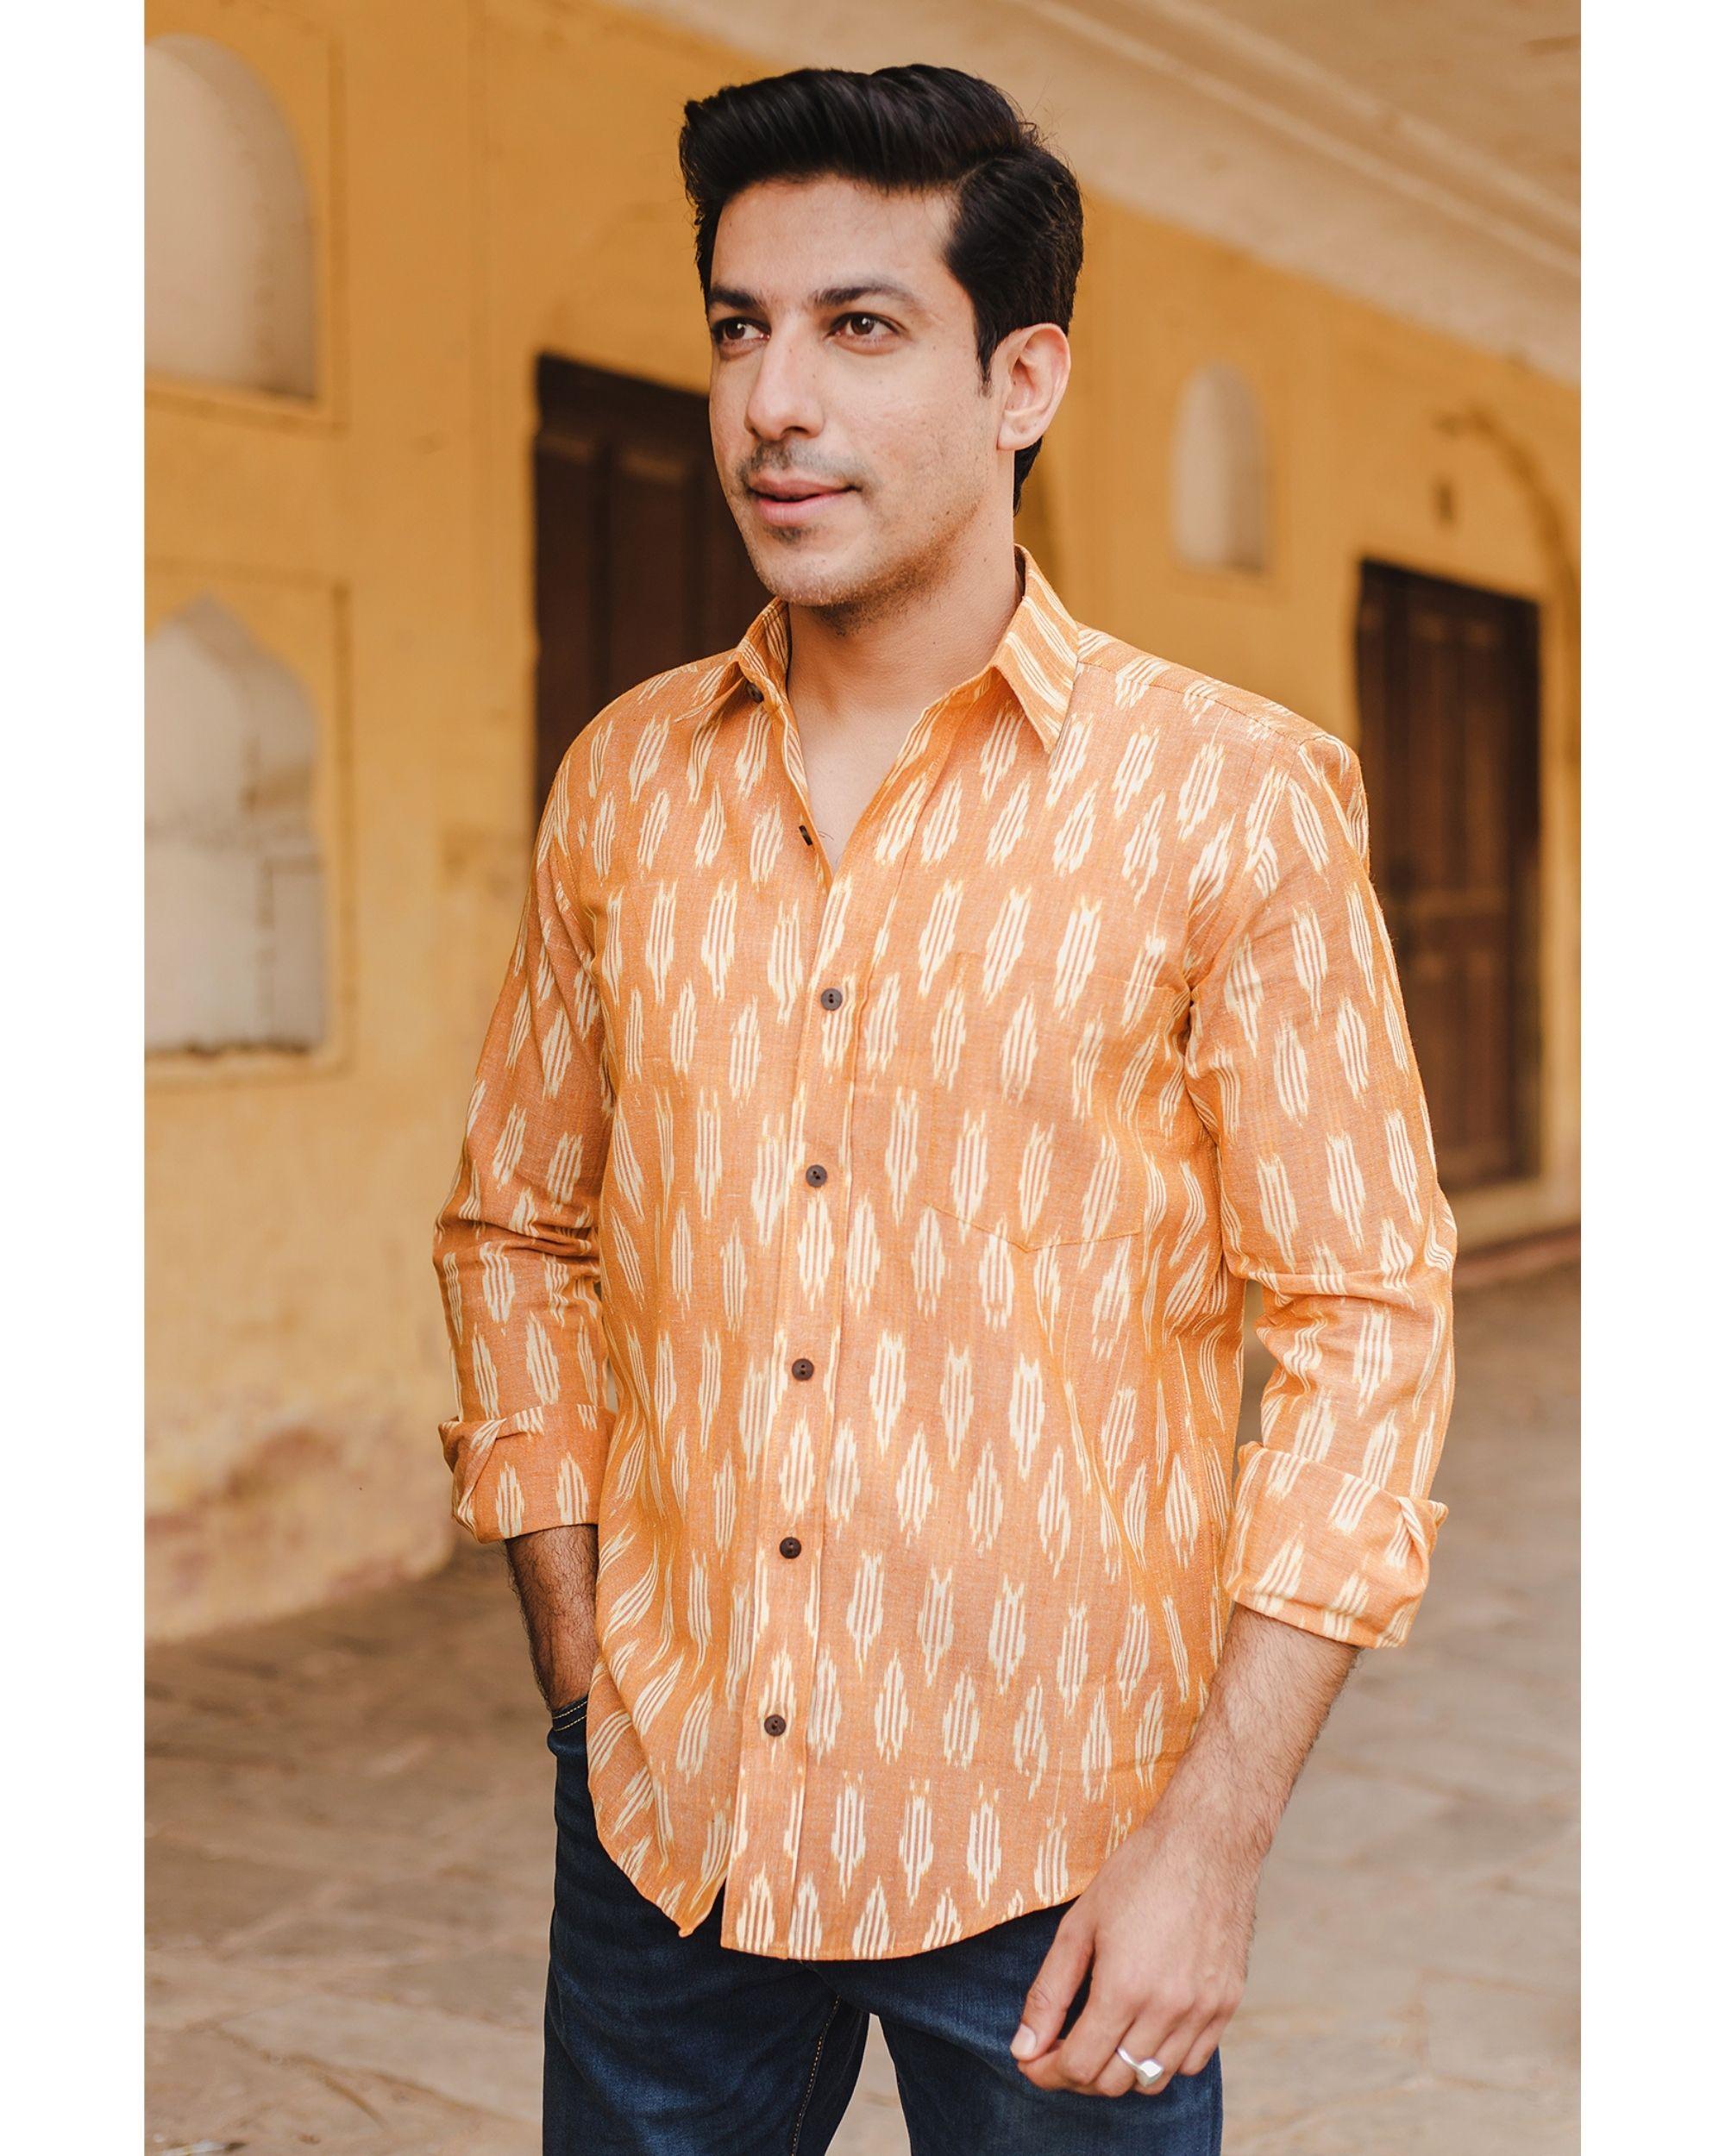 Yellow and white ikat shirt